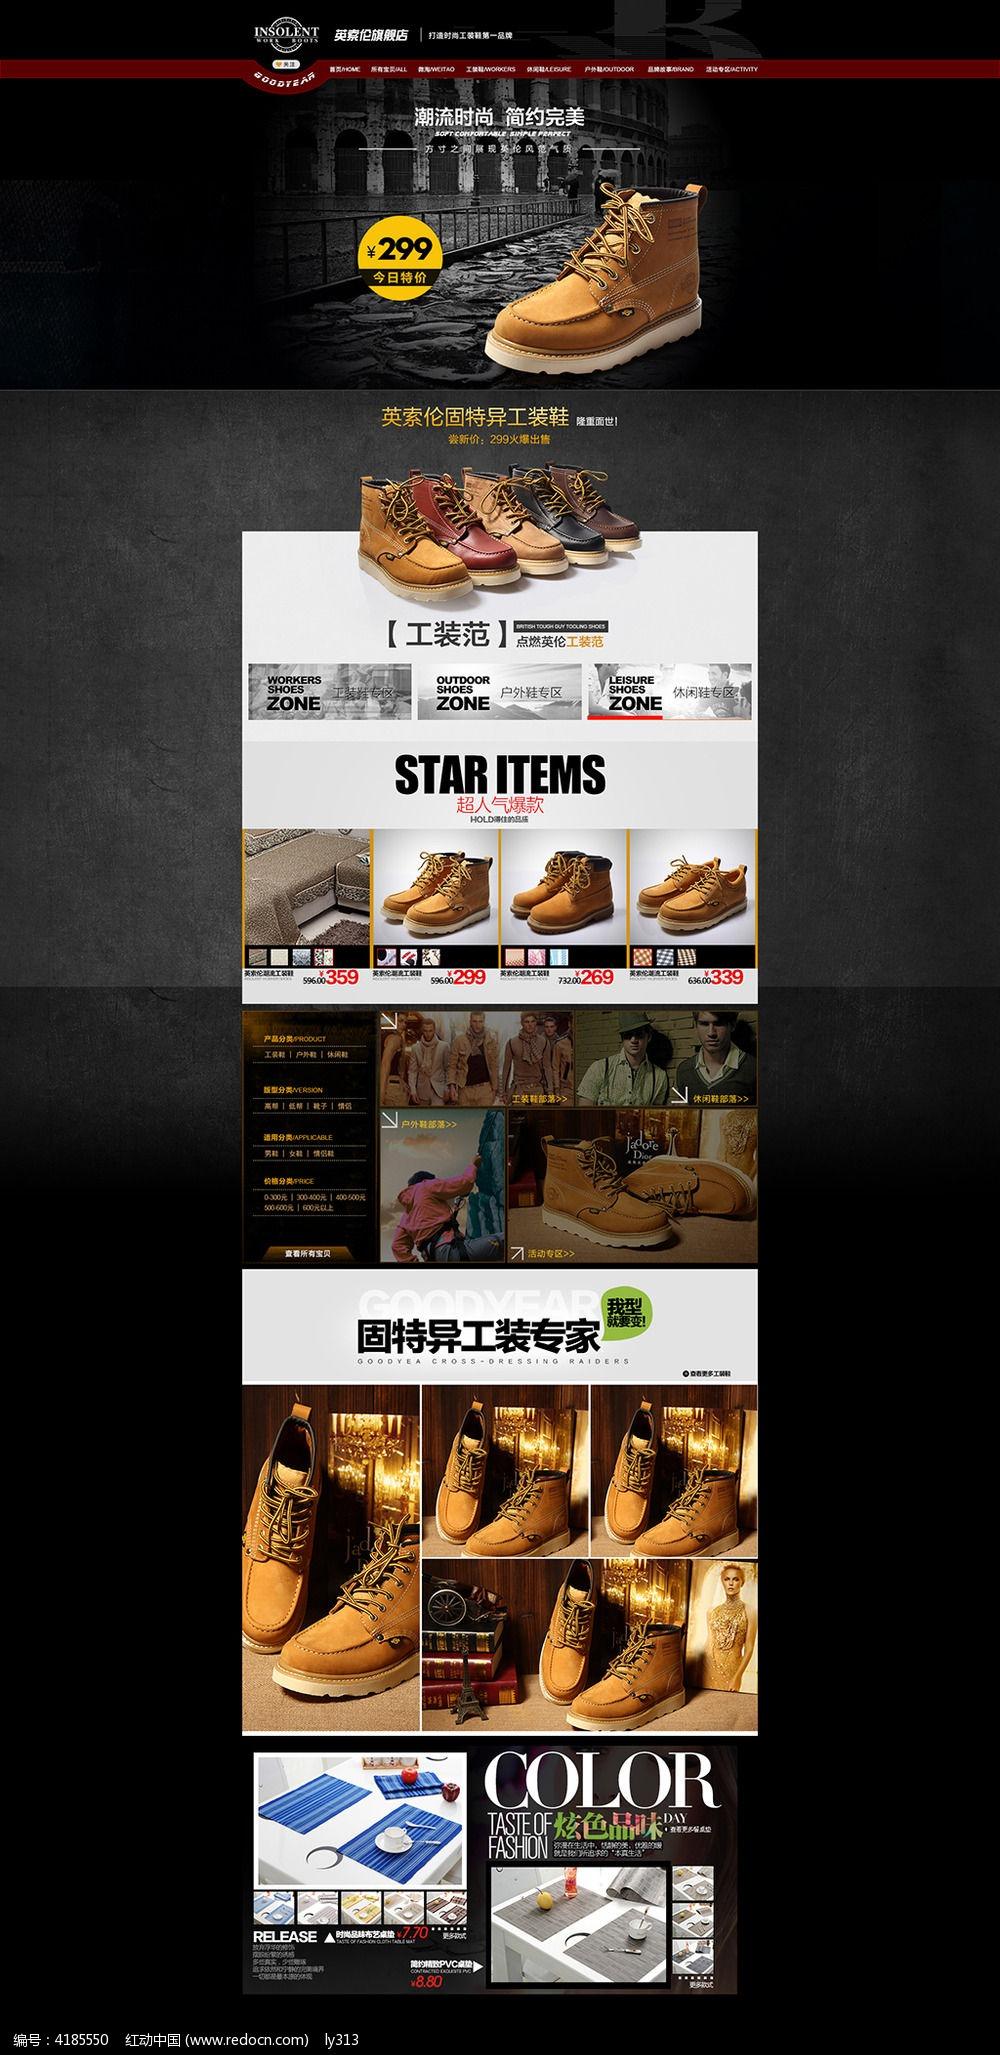 淘宝天猫男鞋促销首页设计图片